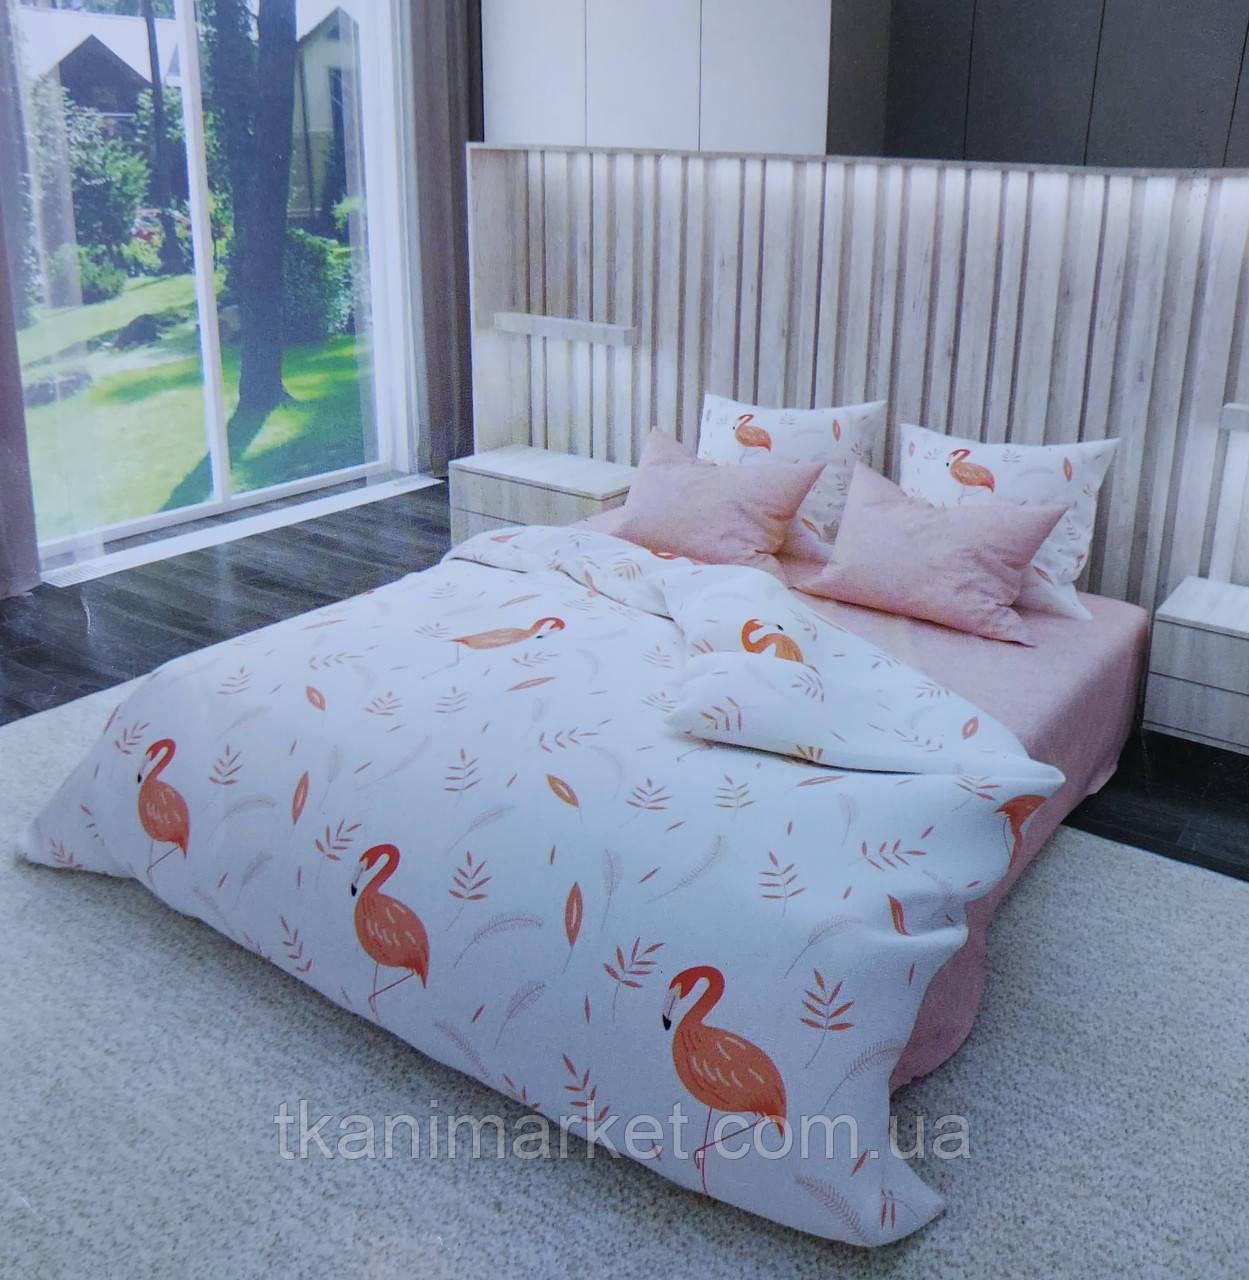 Бязь Gold Lux GL28 постельная ткань Пакистан